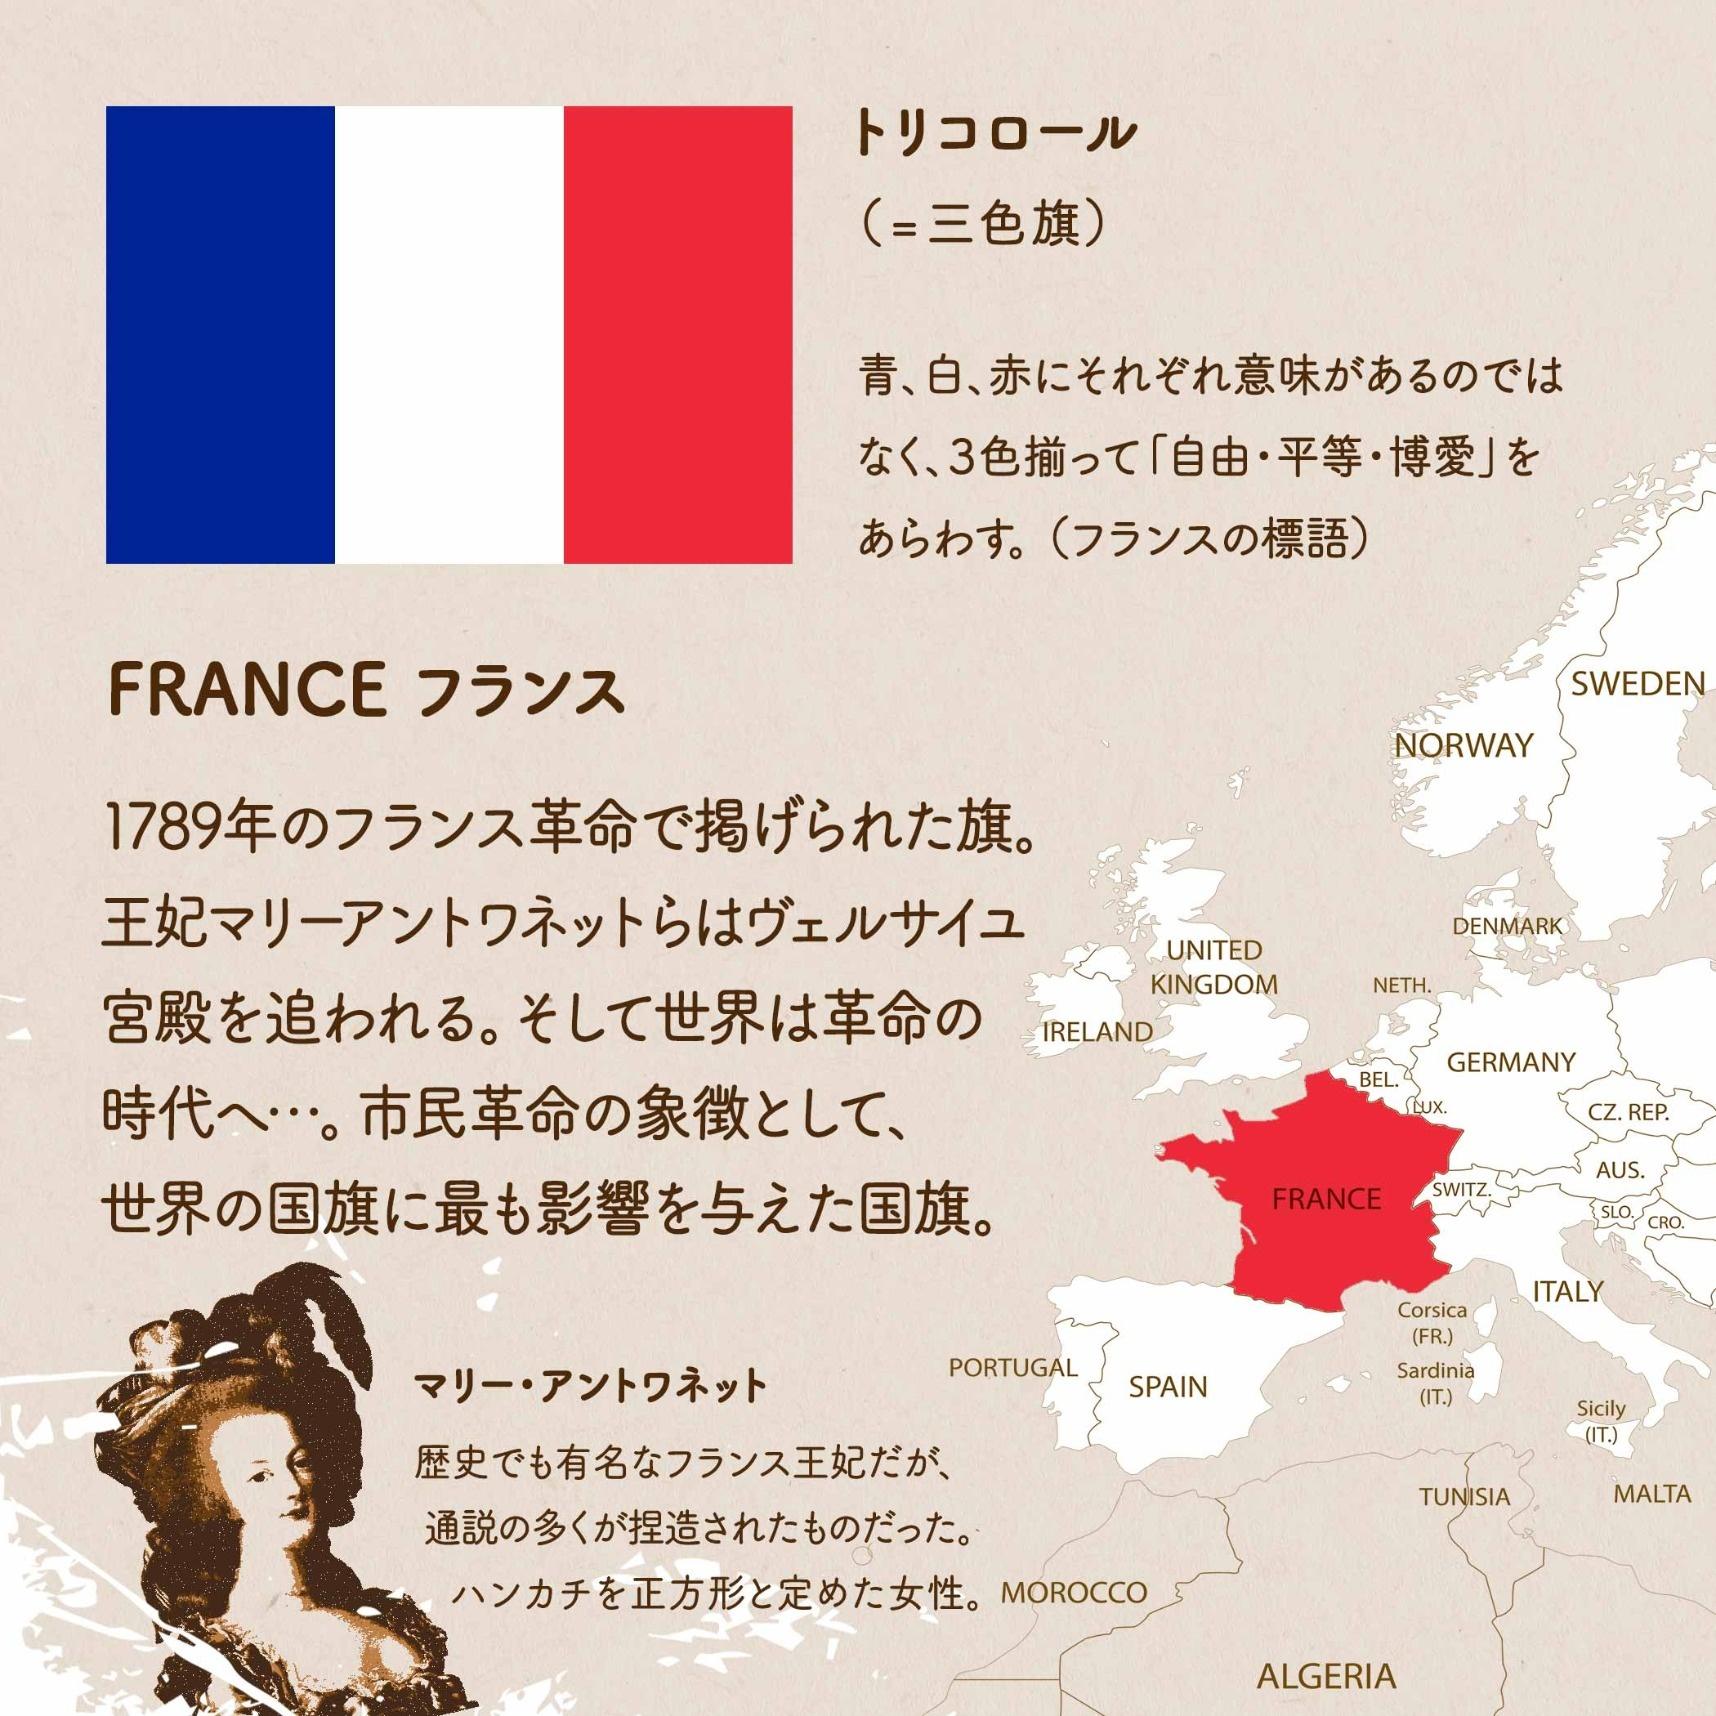 フランスの国旗について1枚でわかるようにまとめた画像。フランスの国旗イラストと、フランスの地図、色の意味、デザインの由来、またマリー・アントワネットにまつわるエピソードなど。